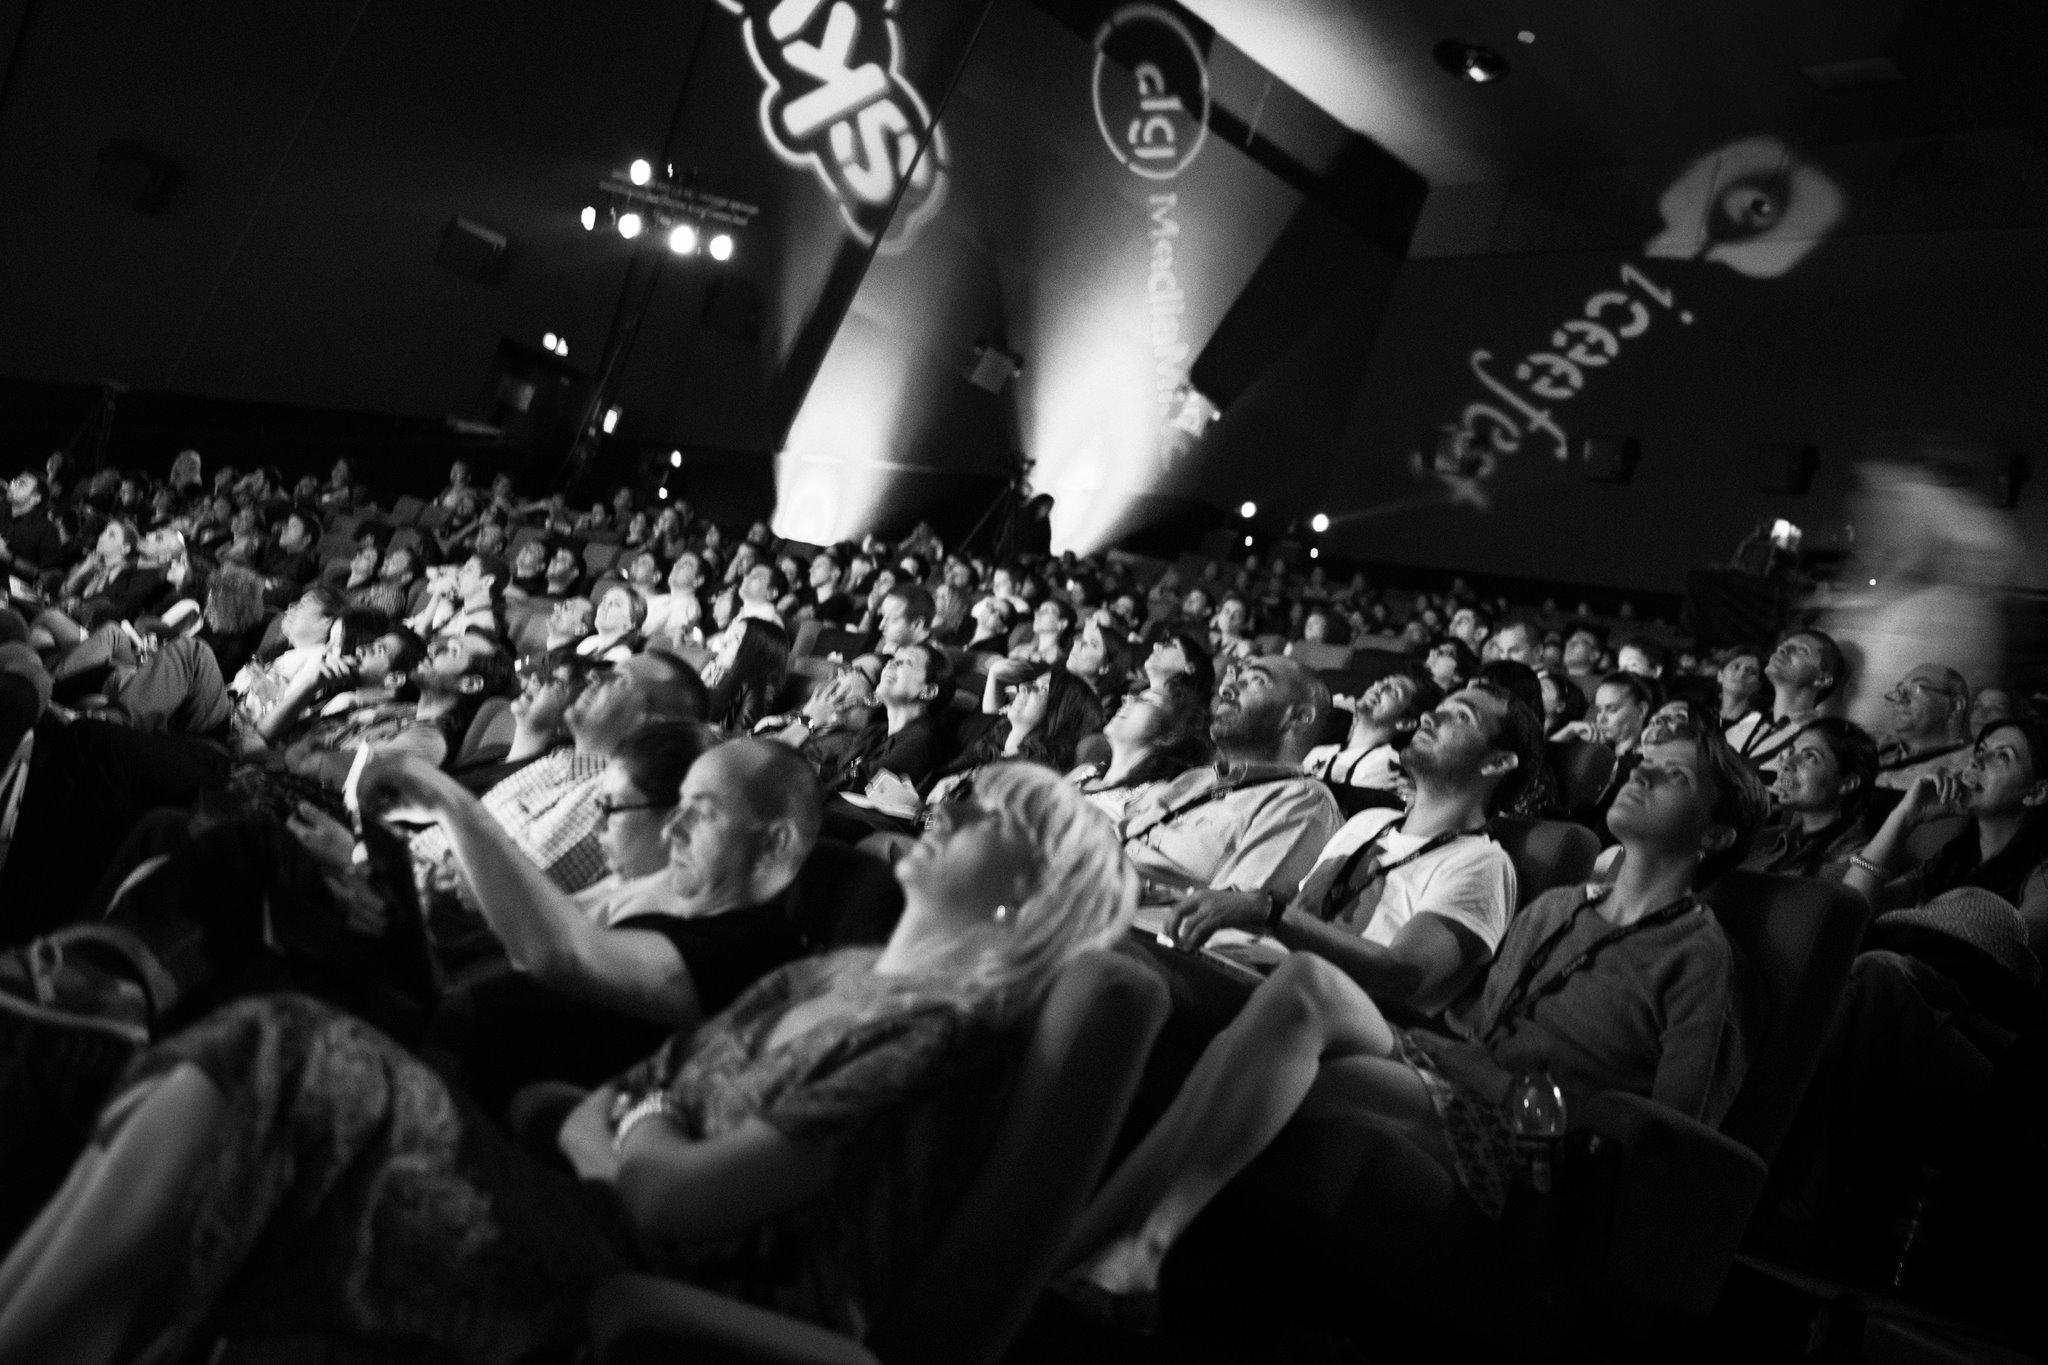 Bucurestiul devine din nou capitala internetului din Europa. Google, Facebook, Yahoo si Youtube vin la ICEEfest